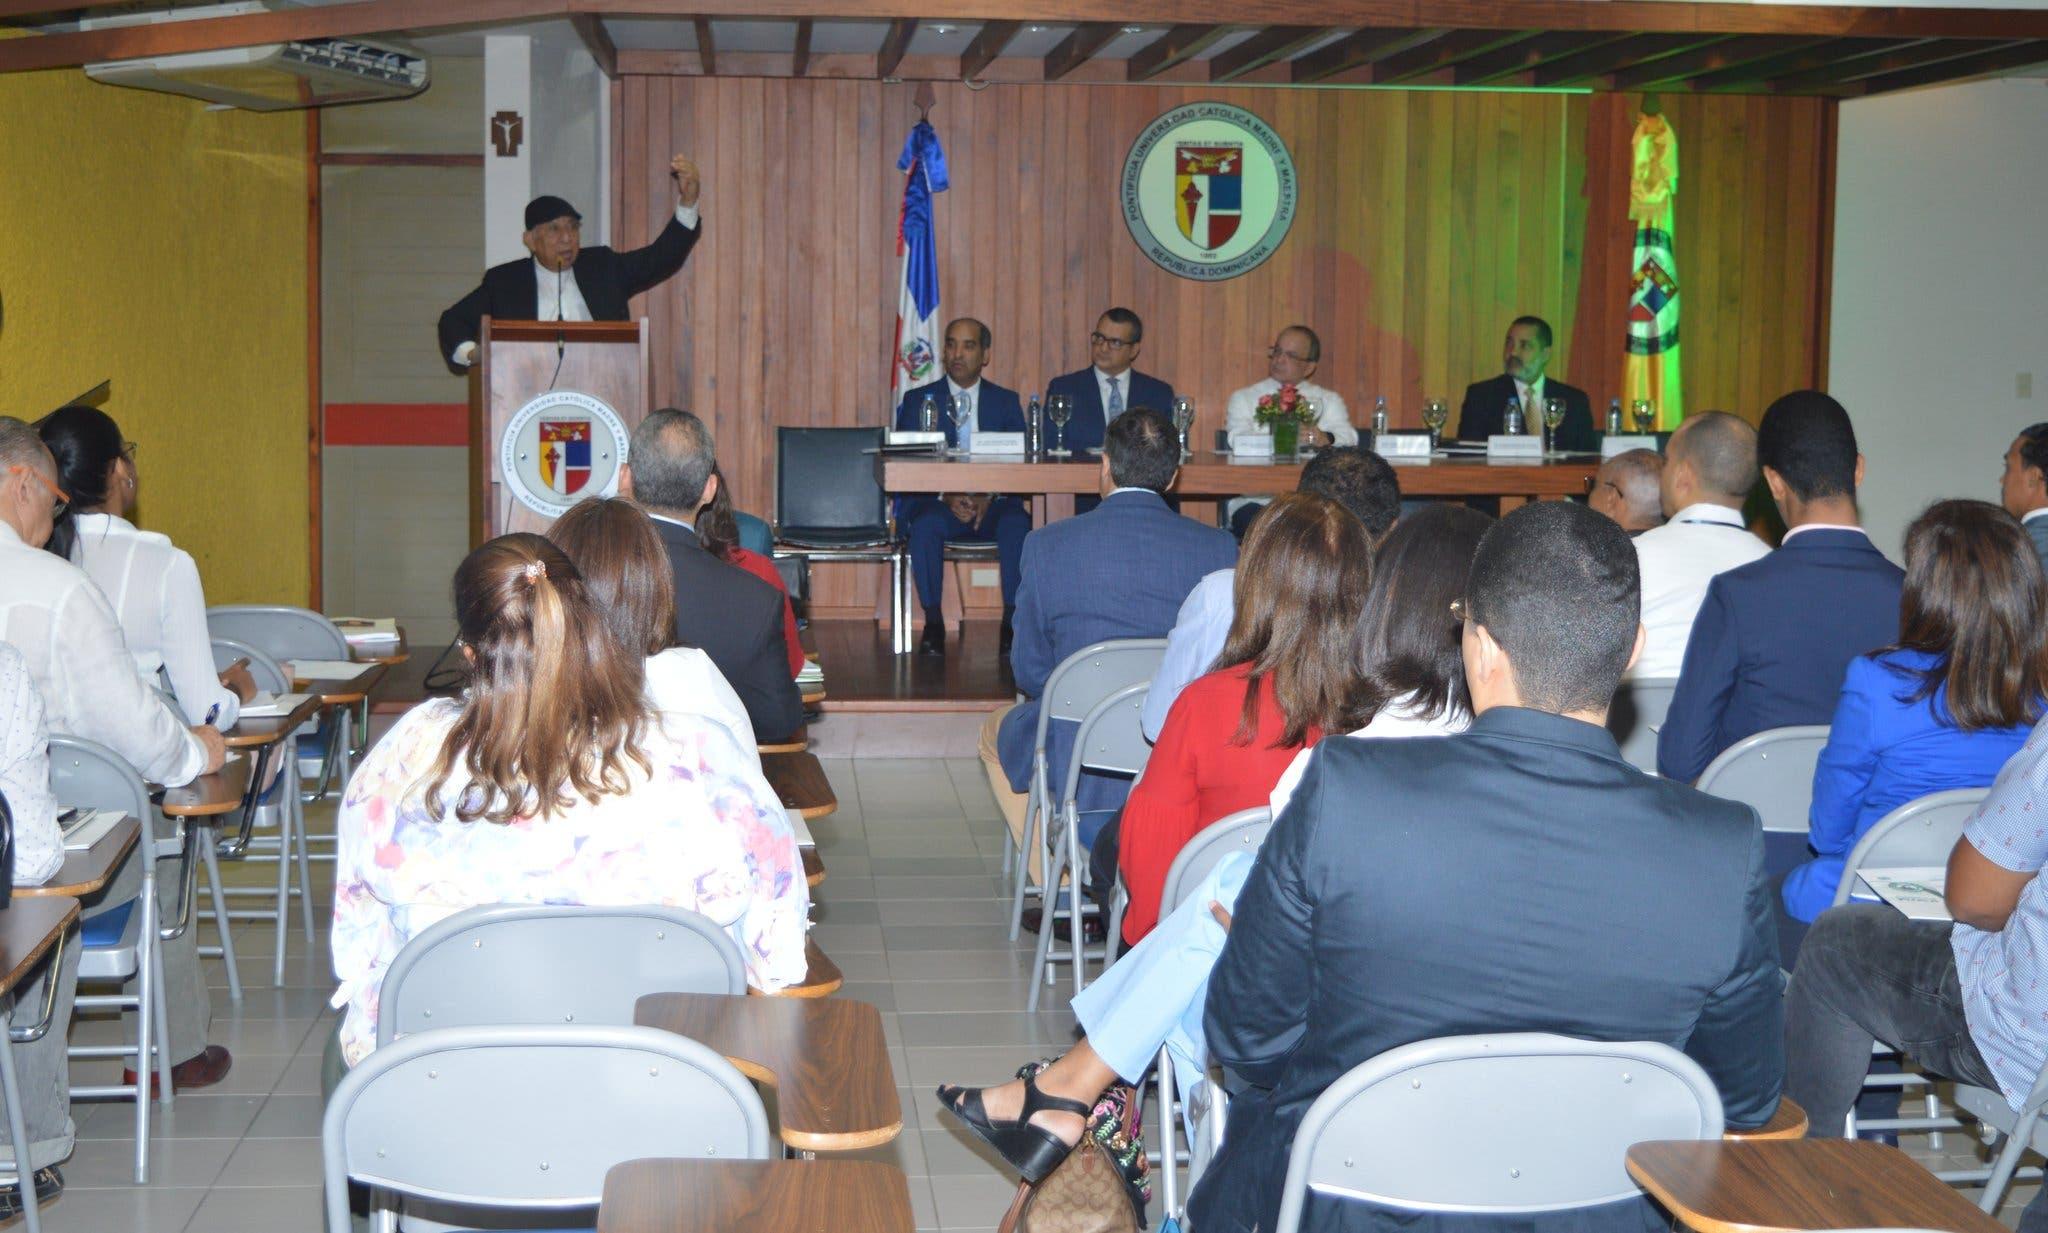 """La conferencia magistral """"Procesos electorales desde una dimensión ética y cívica"""", estuvo a cargo del doctor Román Jáquez, Juez Presidente del Tribunal Superior Electoral."""